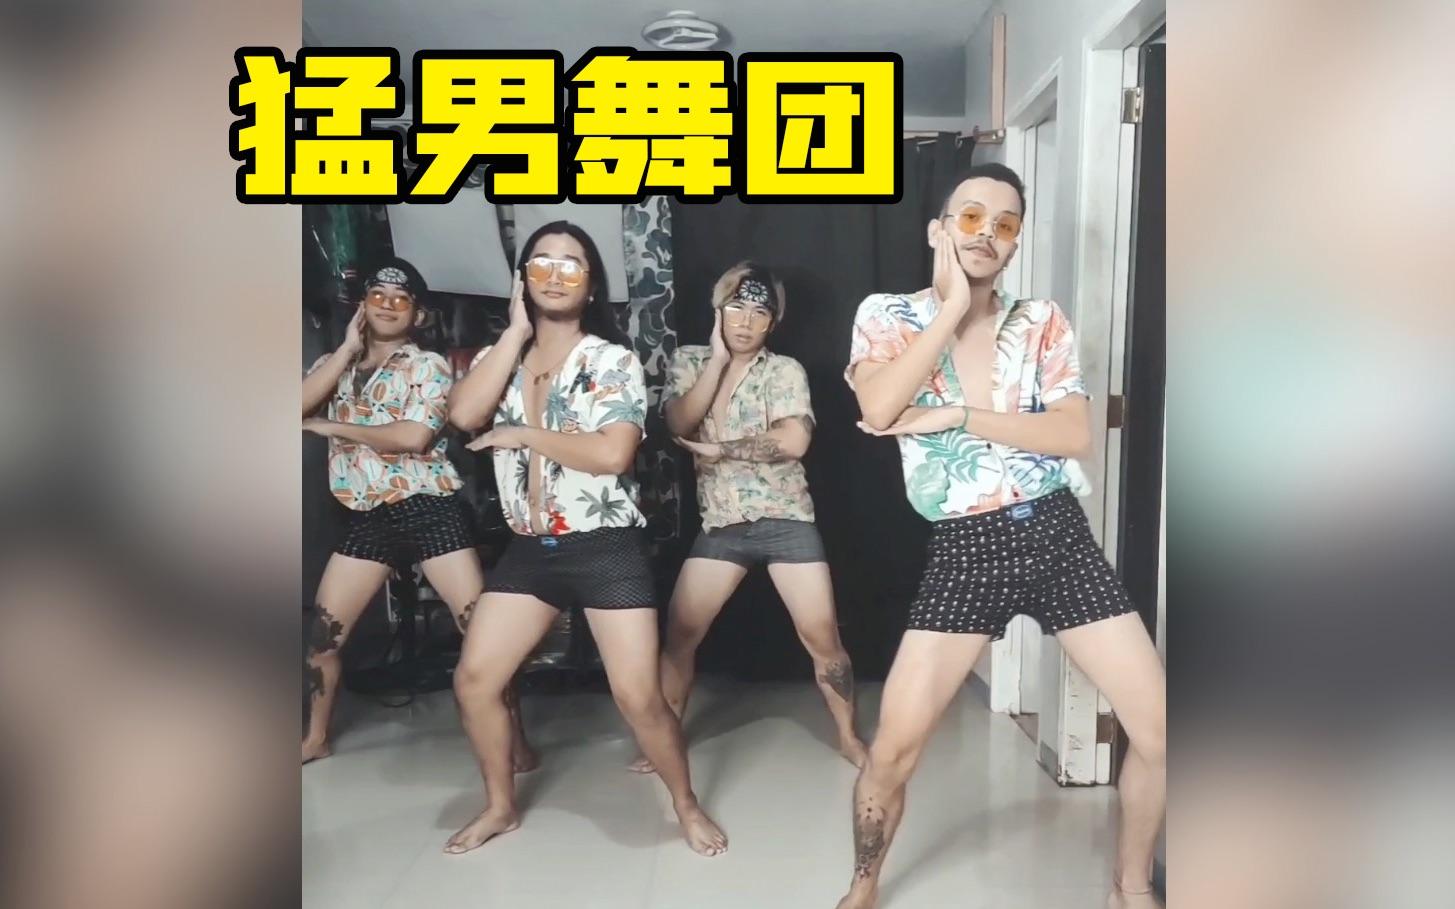 【猛男舞团】第一次展示热裤大长腿的猛男DISCO